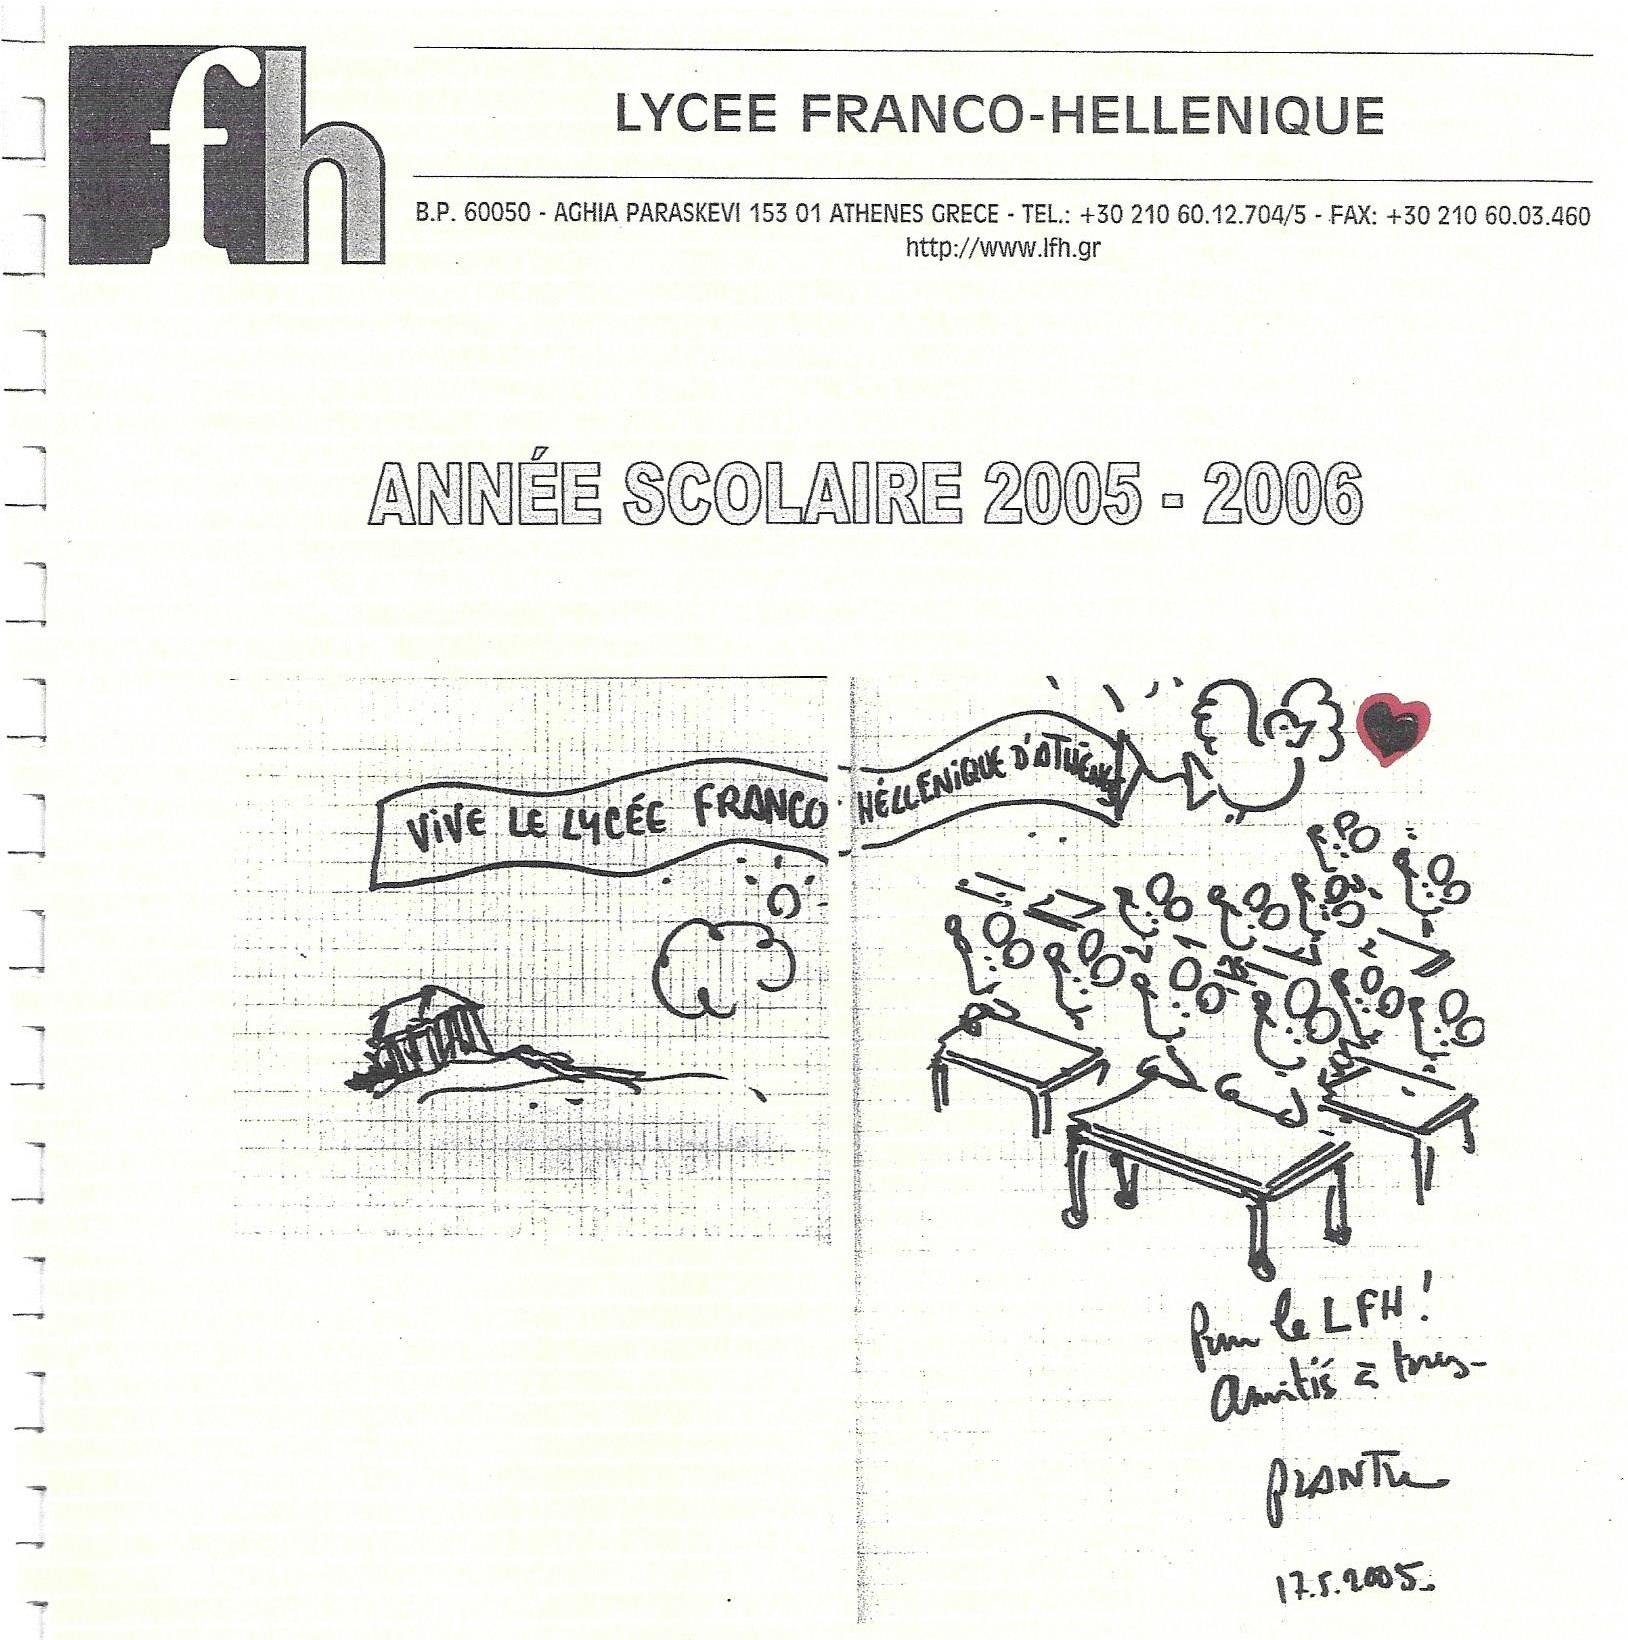 Il y a 16 ans, Plantu rendait visite au Lycée Franco-Hellénique…  -0